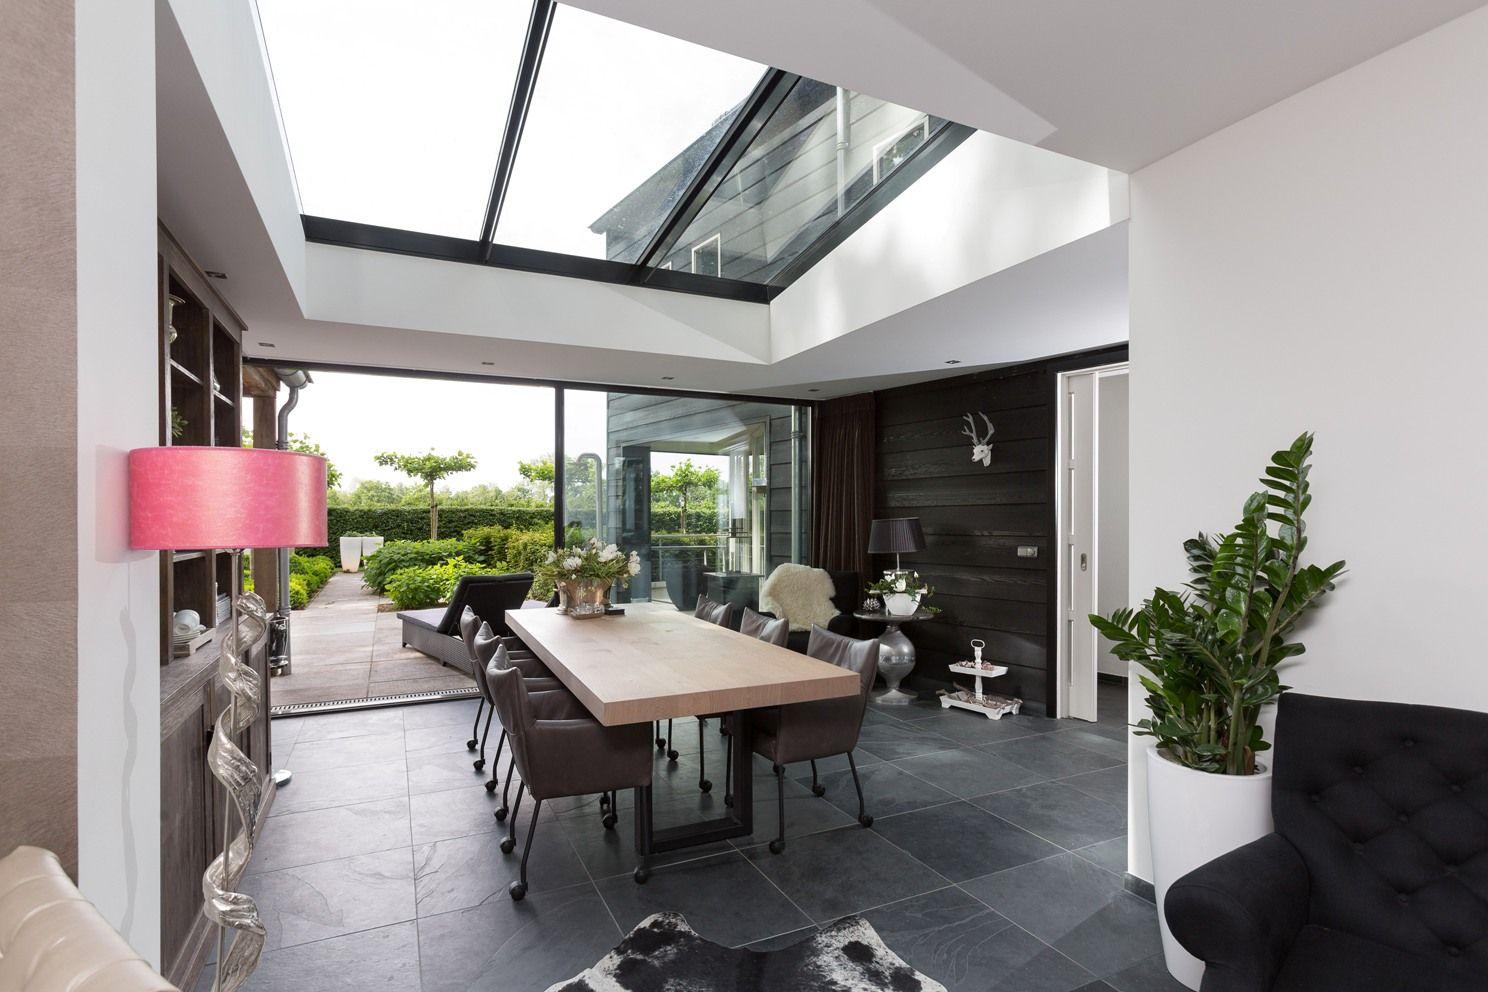 Aanbouw Open Keuken : Foto s van lichtstraten serre met lichtstraat aanbouw met